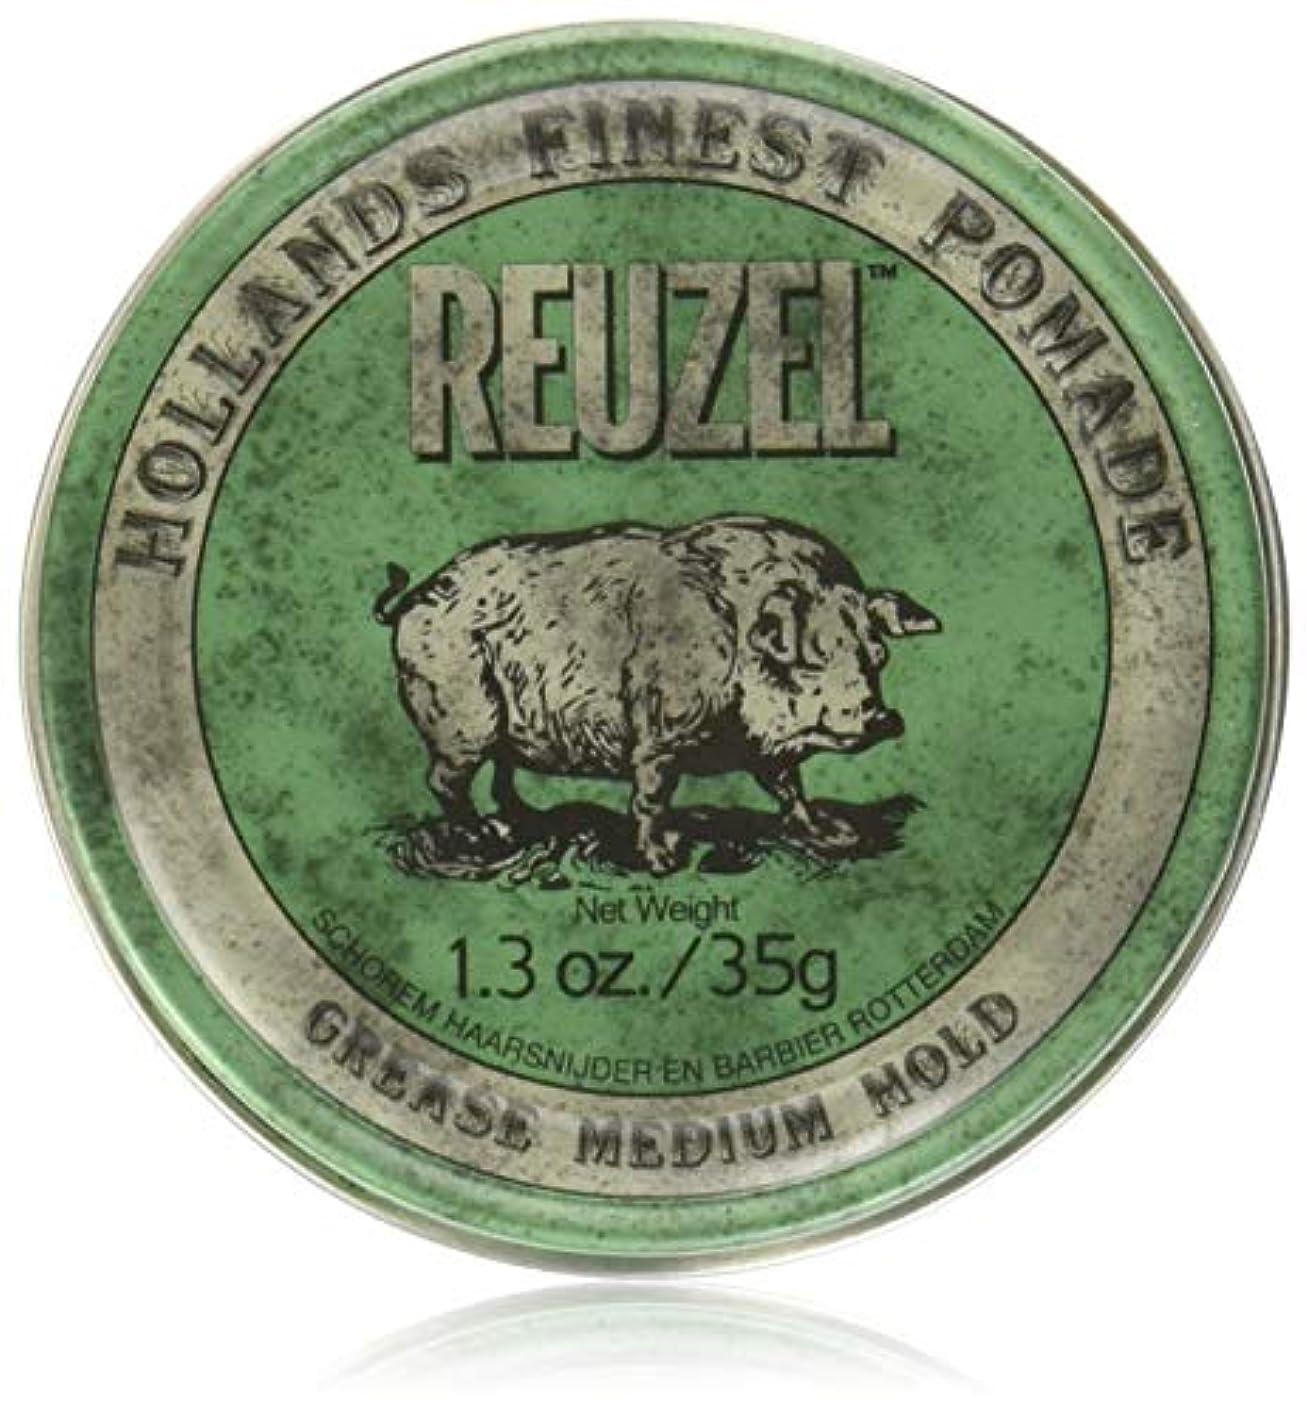 ソフィー捕虜フィードオンREUZEL Grease Hold Hair Styling Pomade Piglet Wax/Gel, Medium, Green, 1.3 oz, 35g by REUZEL